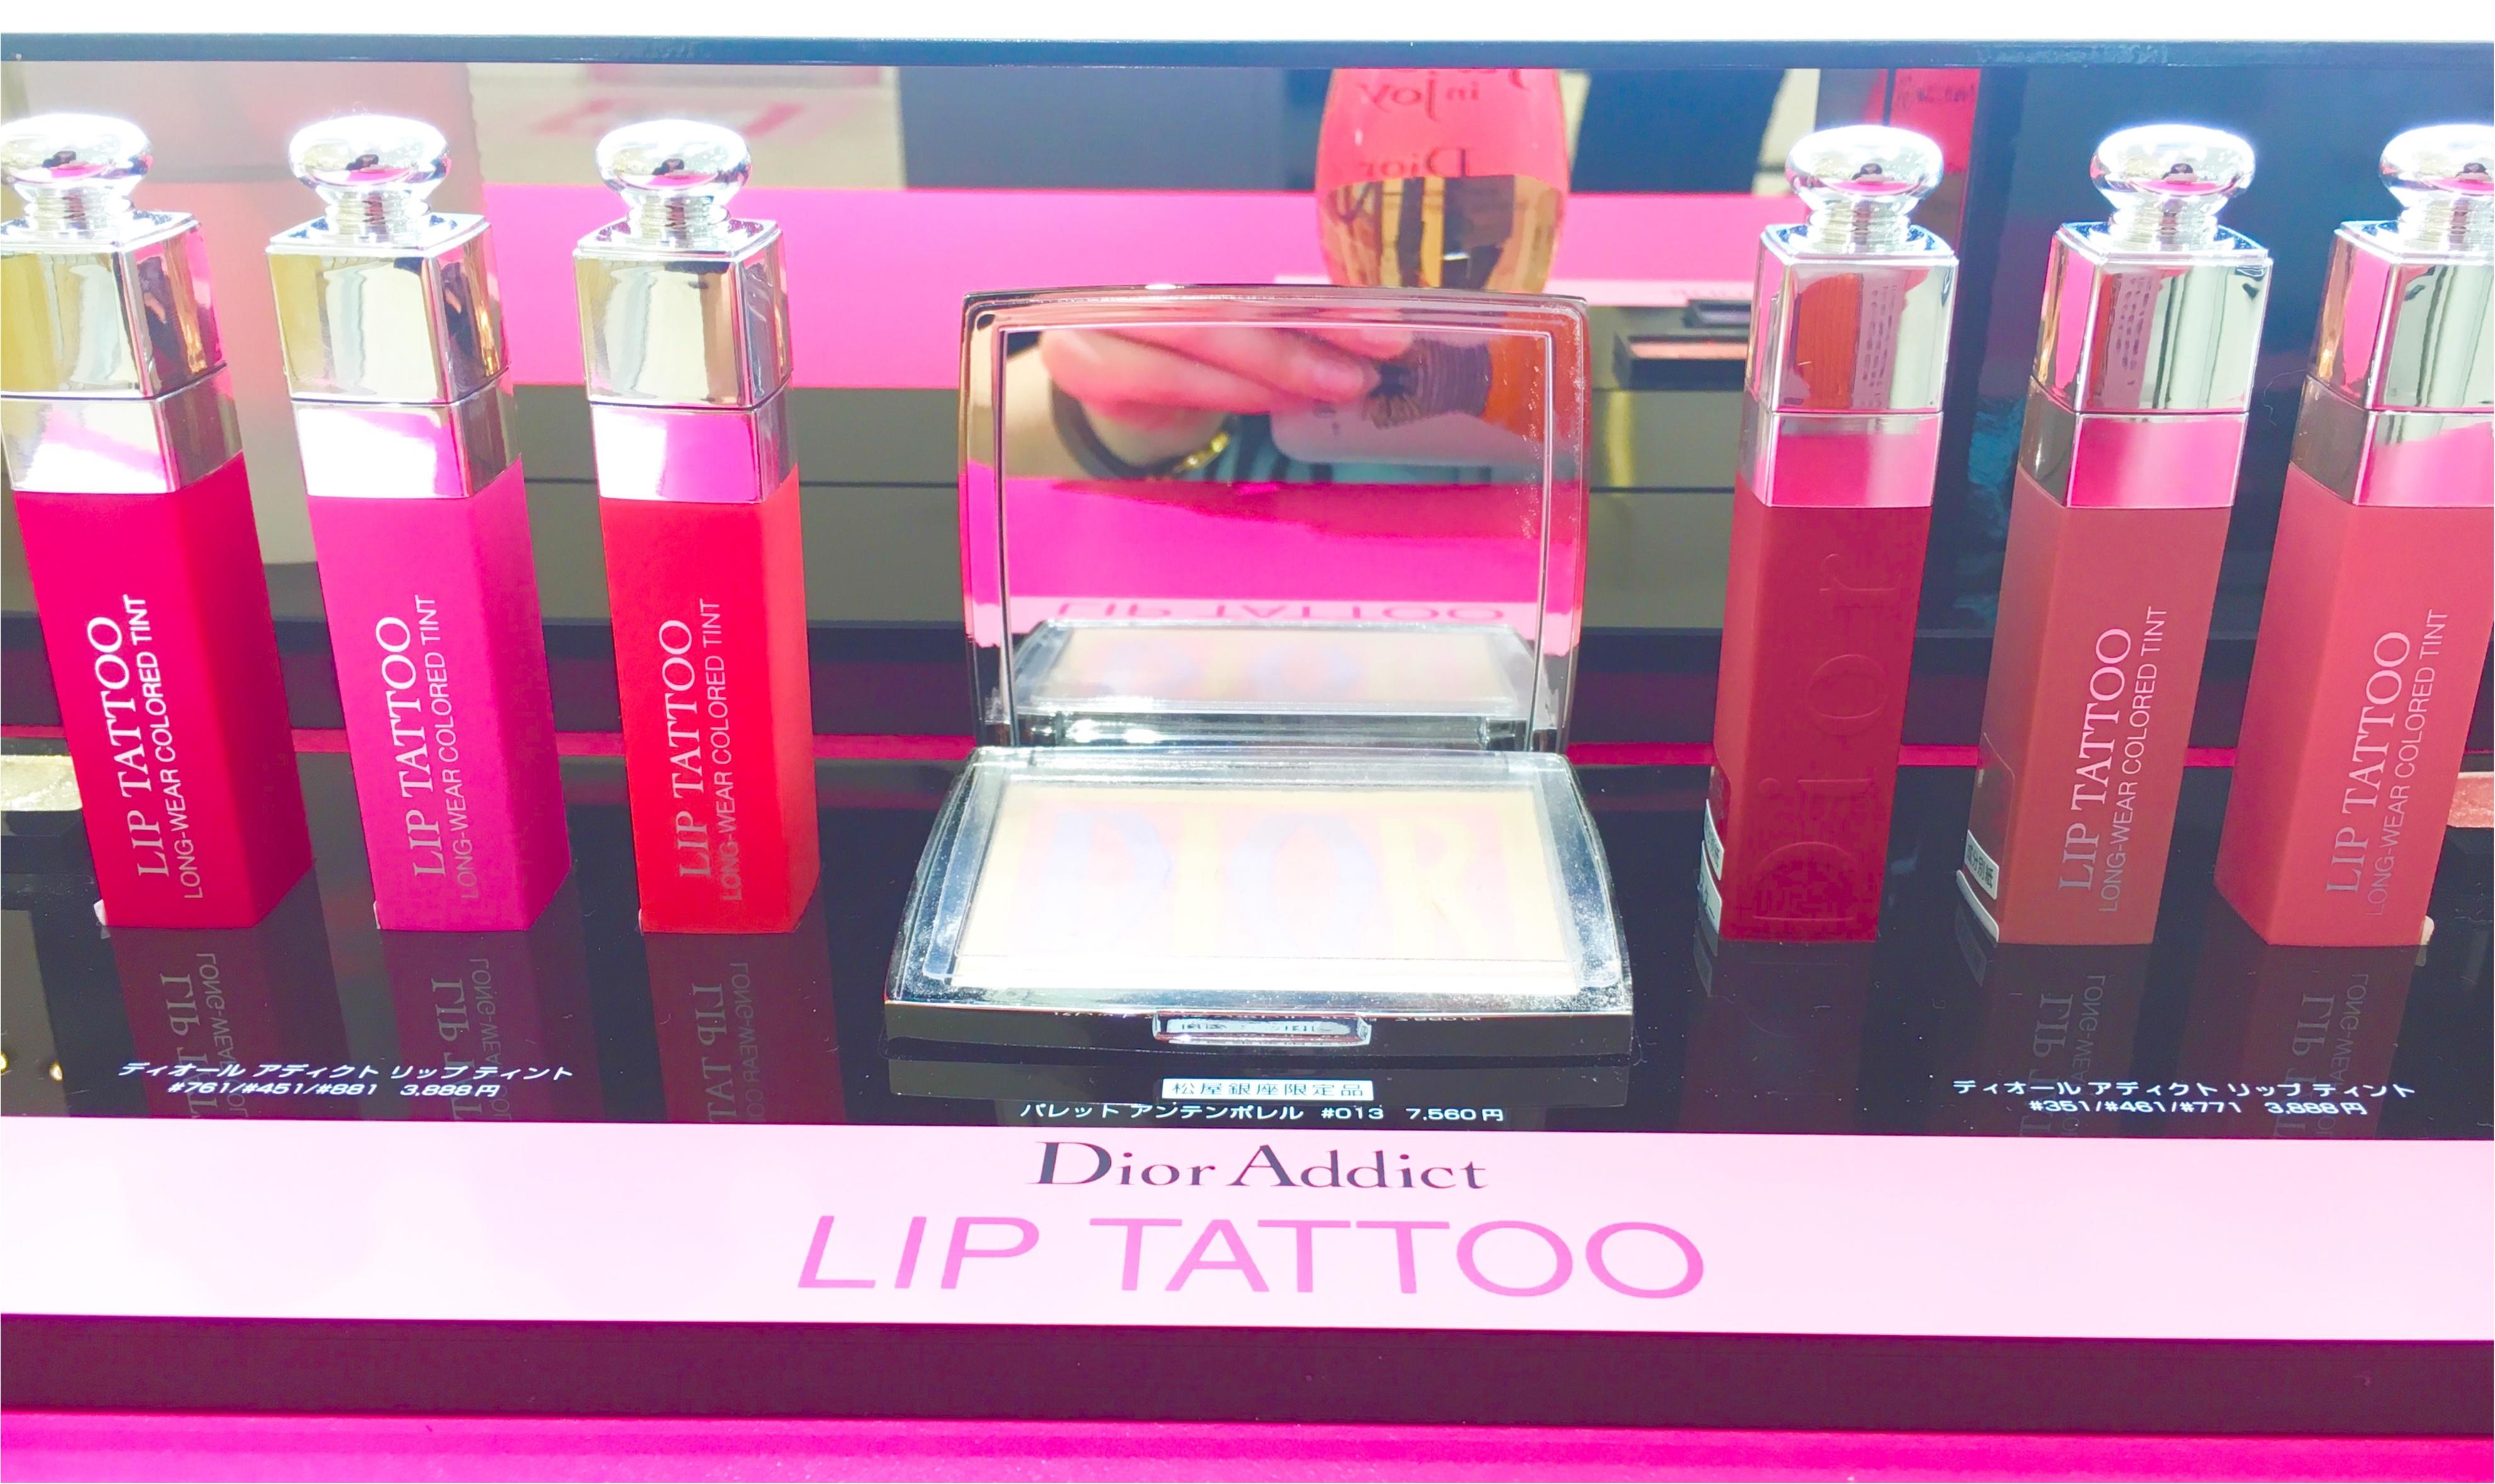 話題のリップが先行発売中❤️10時間耐久⁈【Dior ADDICT】リップタトゥーが超優秀!!_3